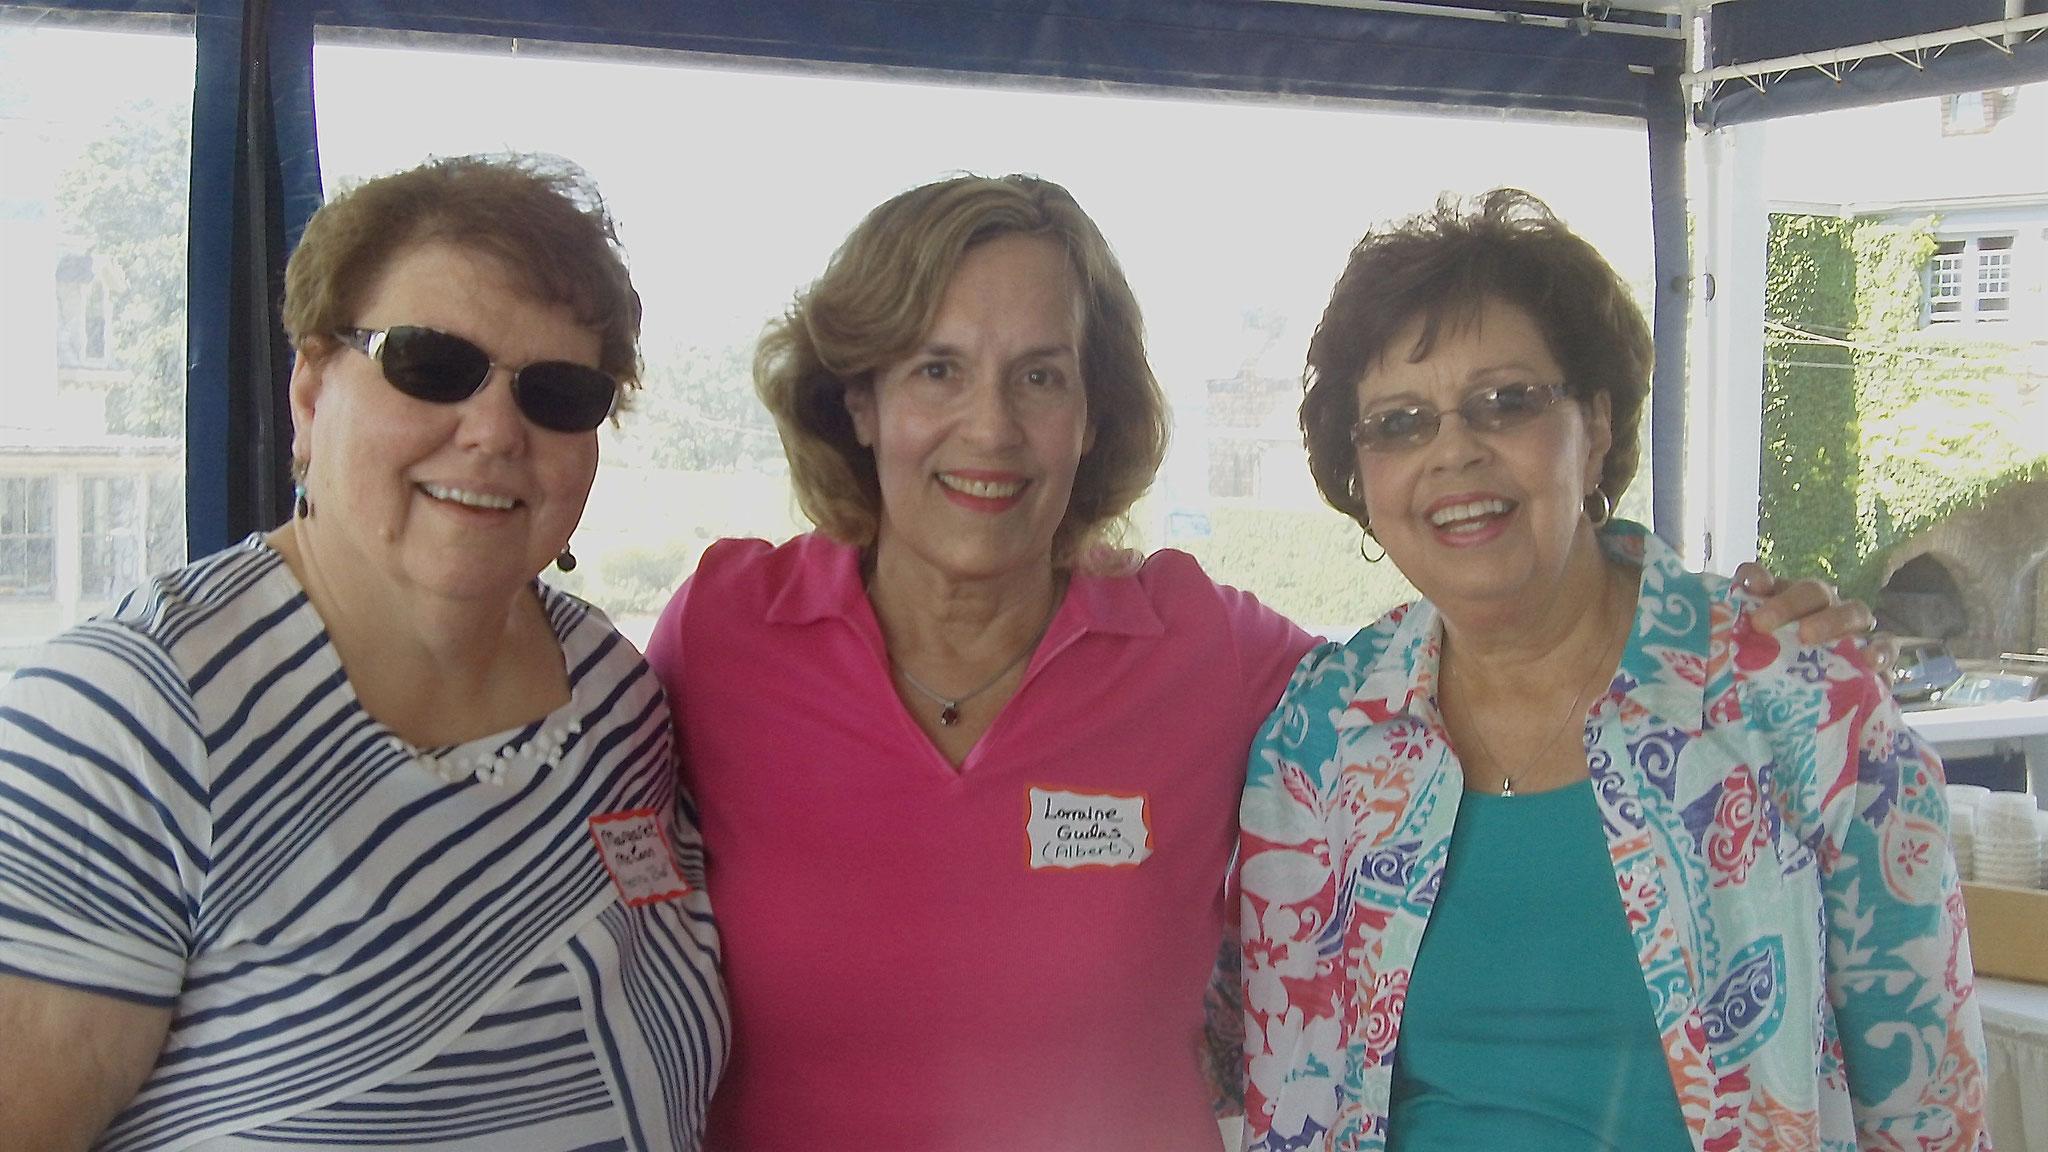 Margaret, Lorraine & Kathy -cousins!